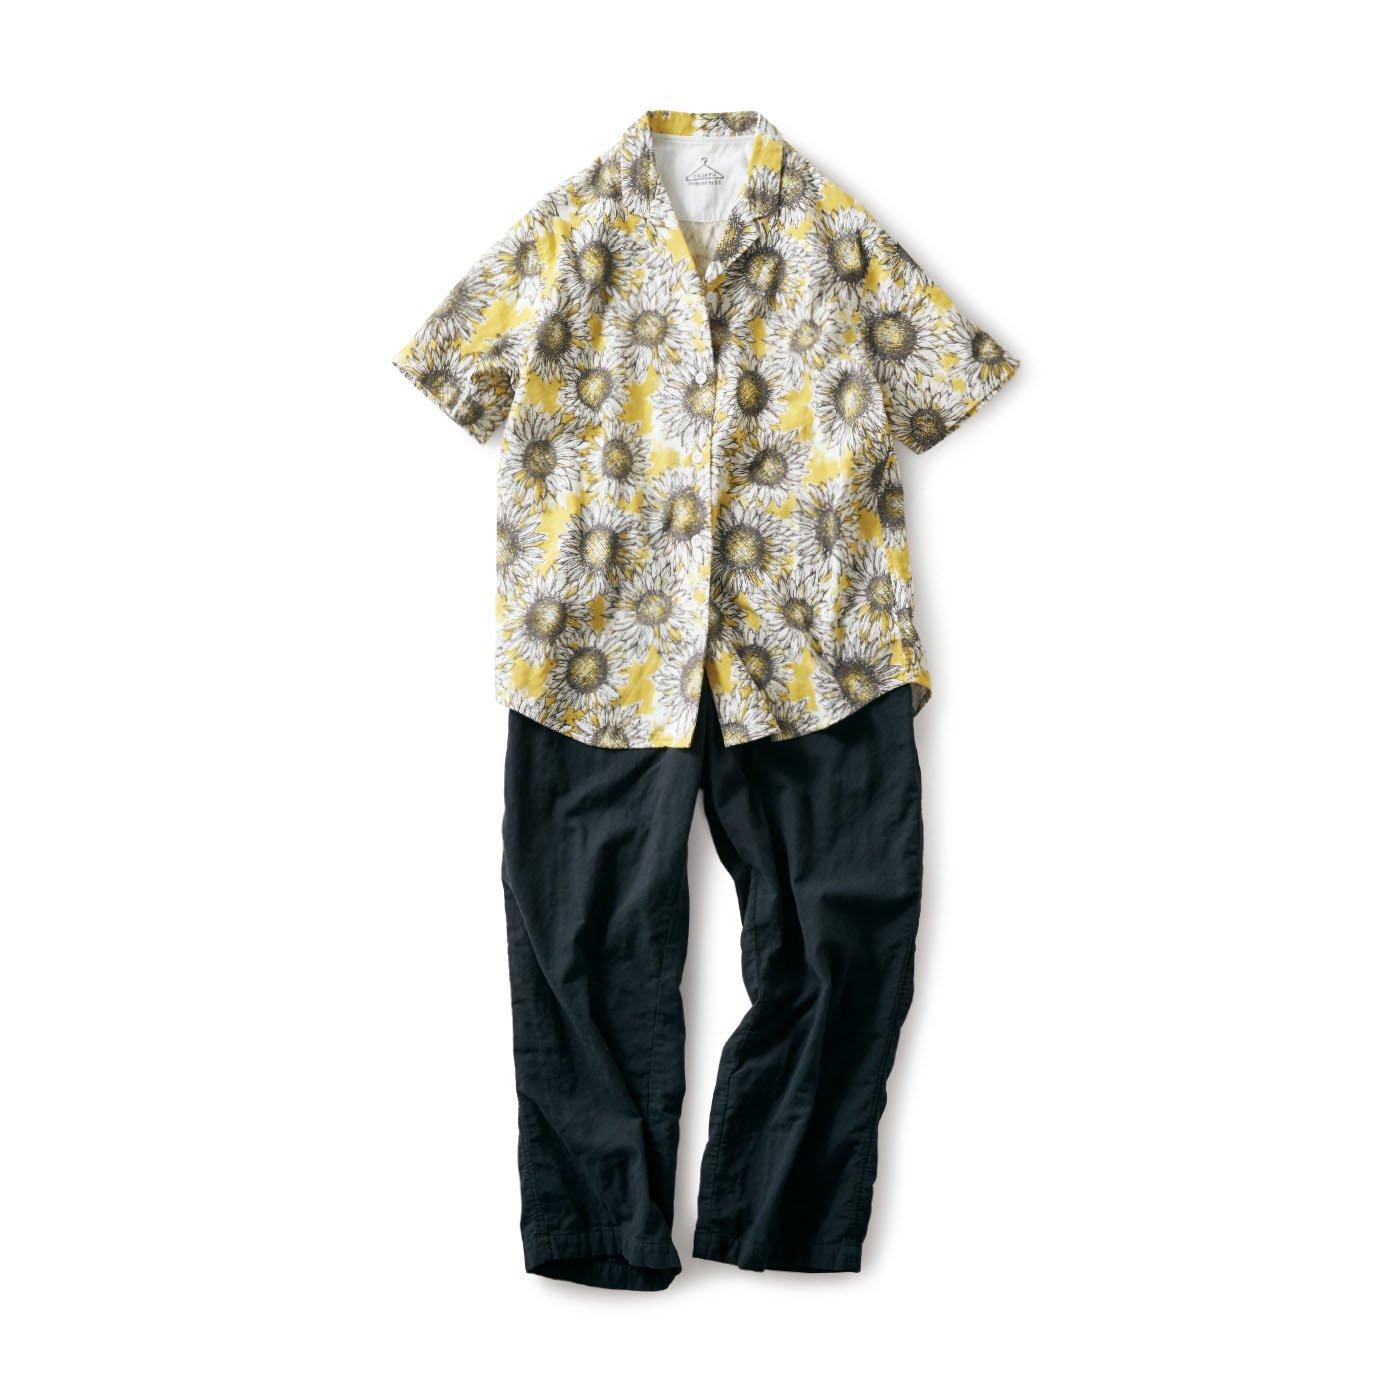 サニークラウズ にっこりひまわりパジャマ〈レディース〉